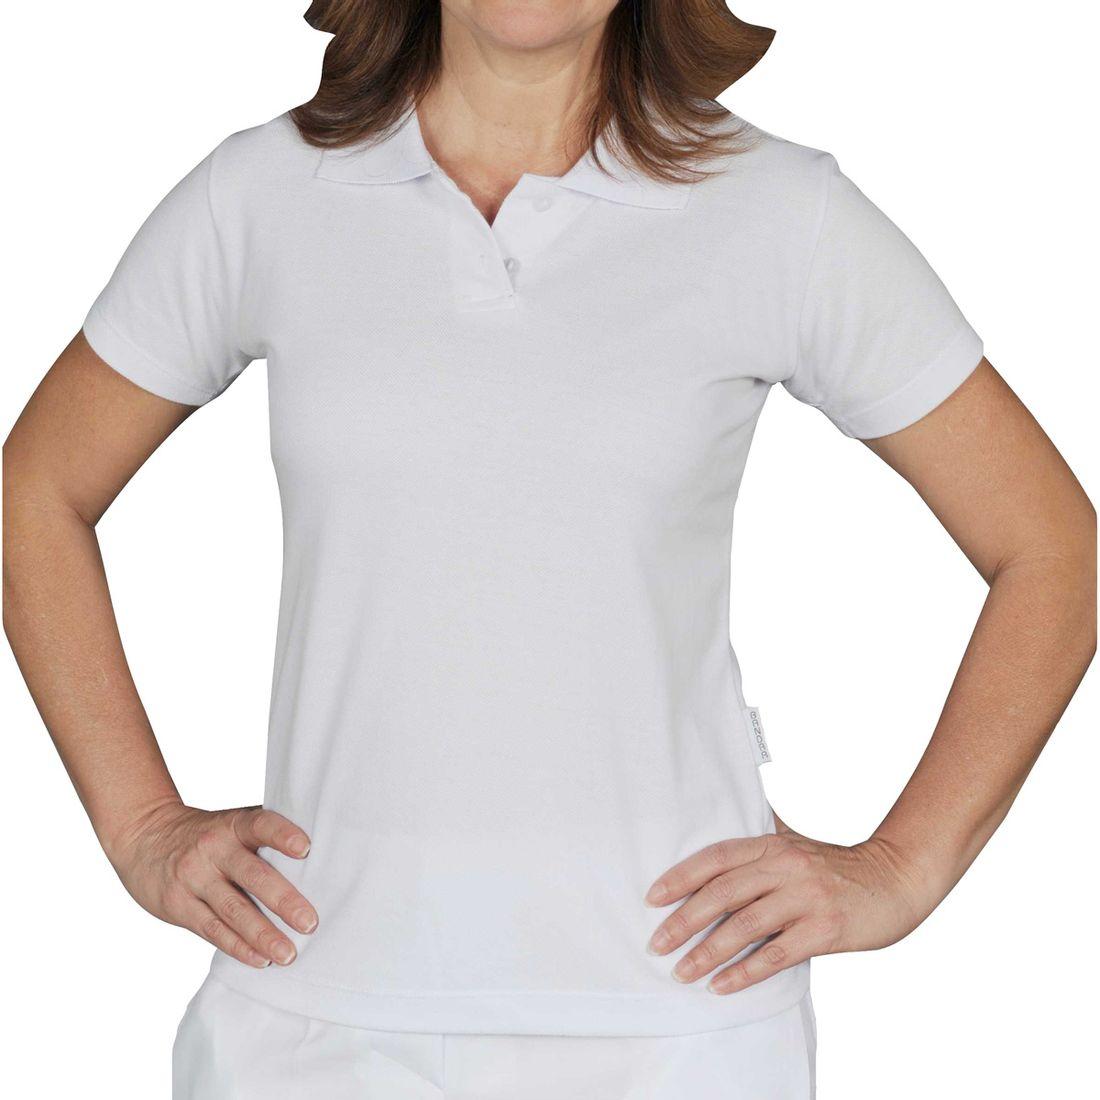 Camiseta Polo Branca Piquet Feminina Manga Curta e18a440f8813c